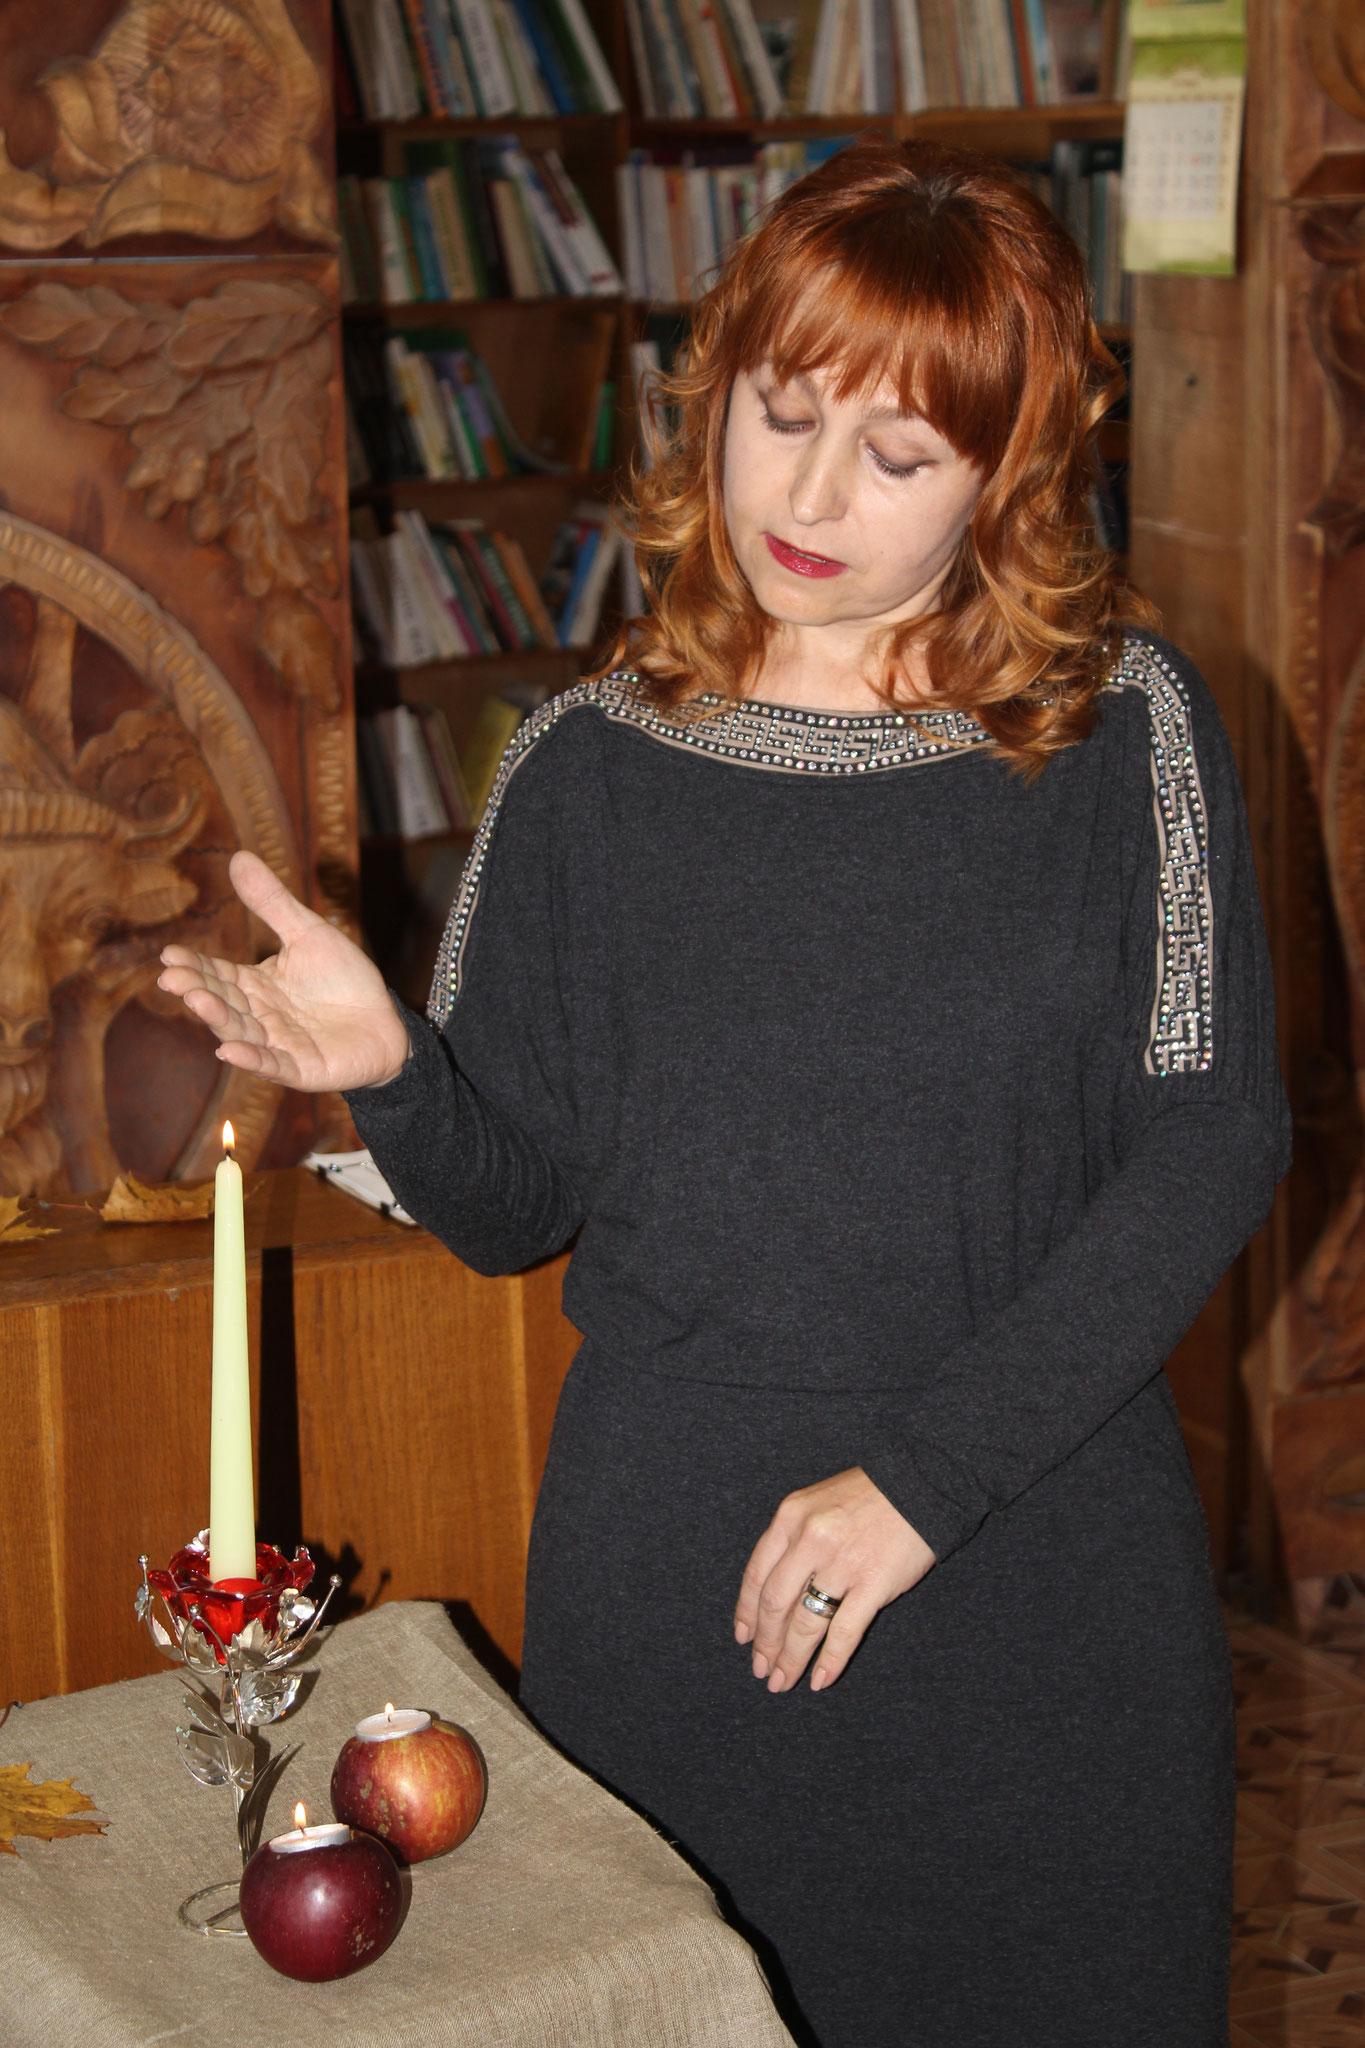 Вядучая Людміла Казіцкая